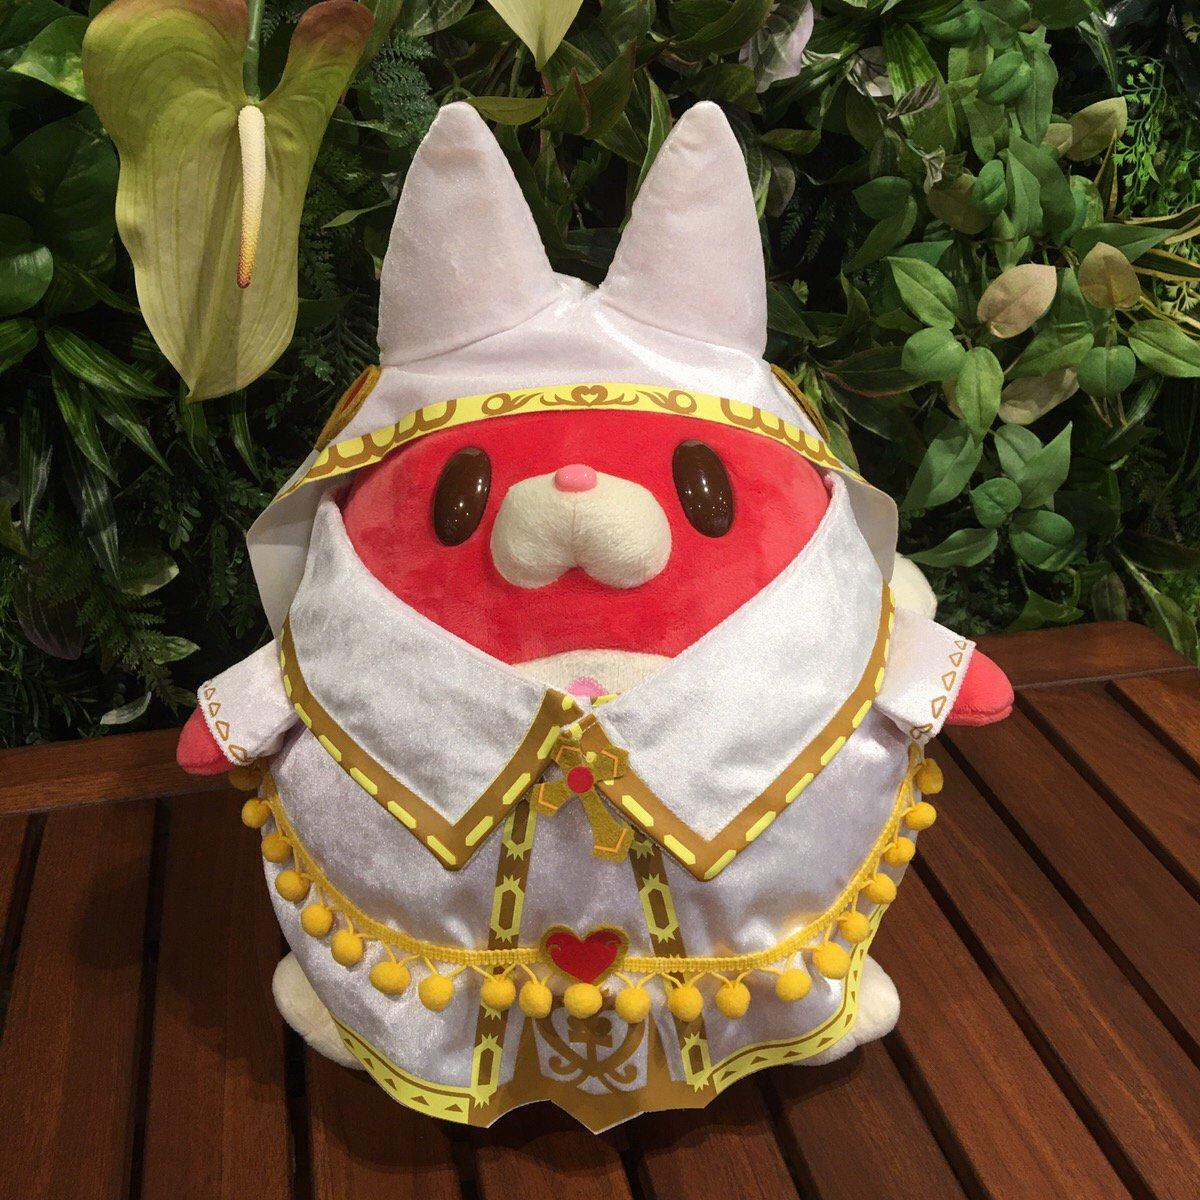 【白猫】星たぬきぬいぐるみ用の着せ替え衣装が開発中!ミラ様とポンちゃんデザインの写真が公開!【プロジェクト】